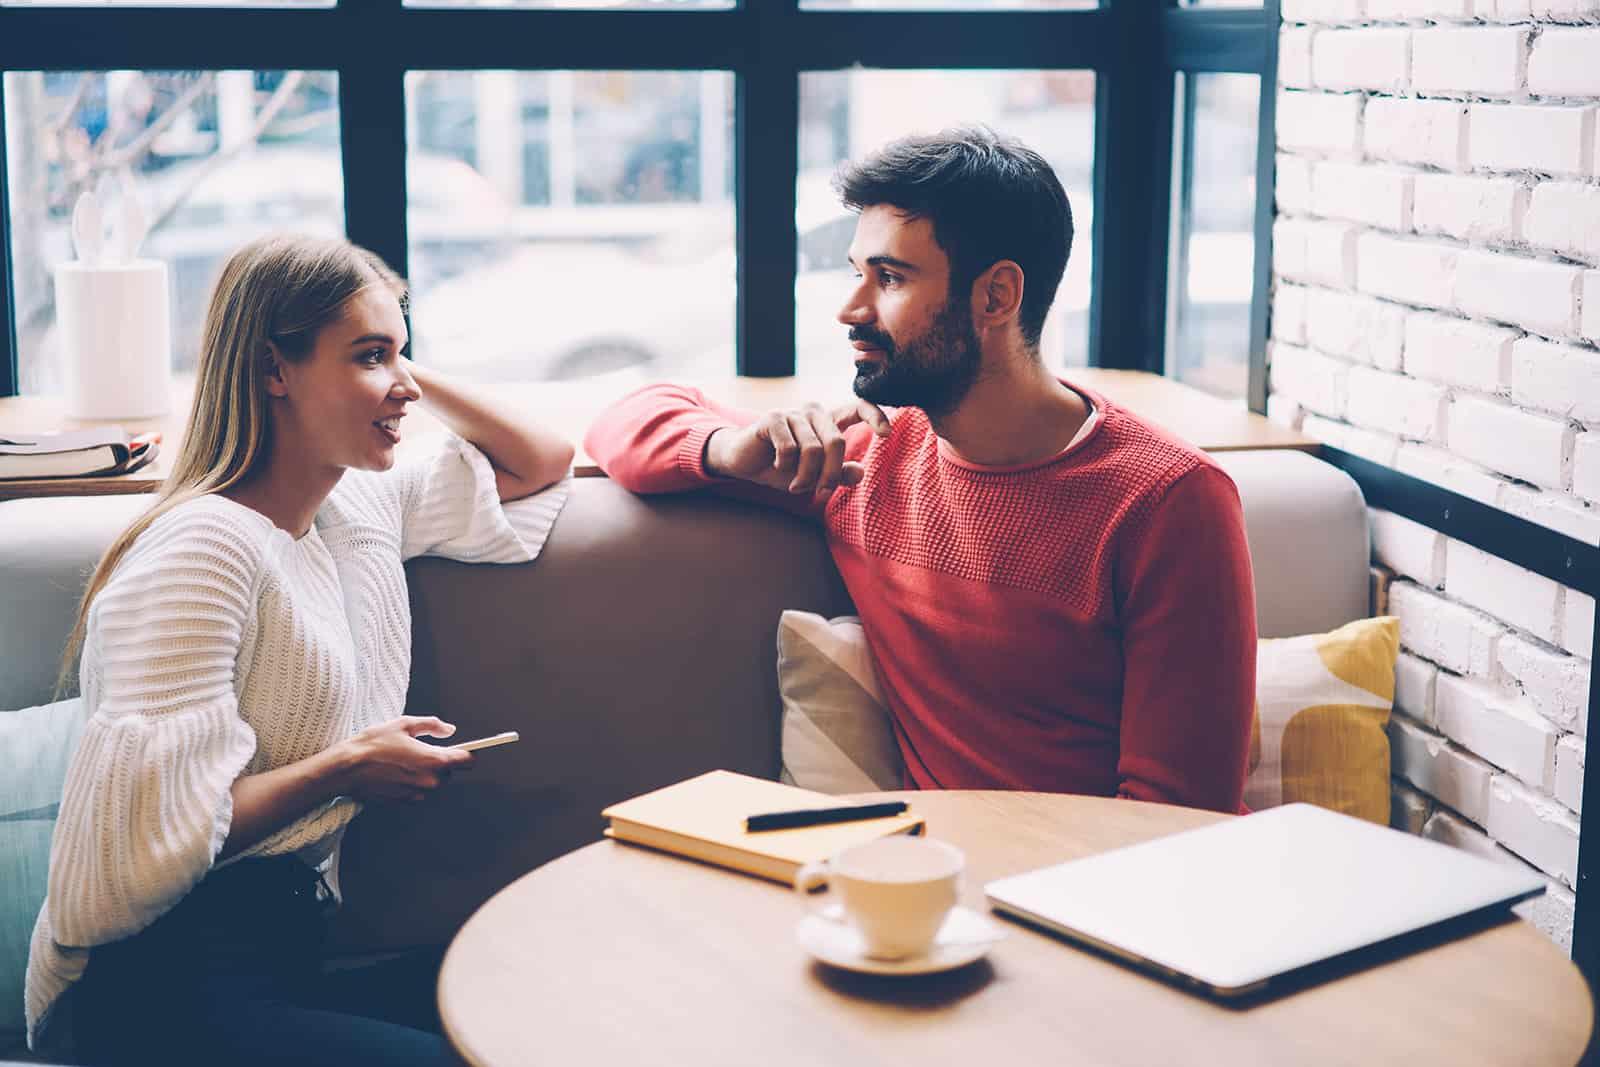 Eine Frau, die mit einem Freund über ihren Schwarm spricht, während sie zusammen im Café sitzt